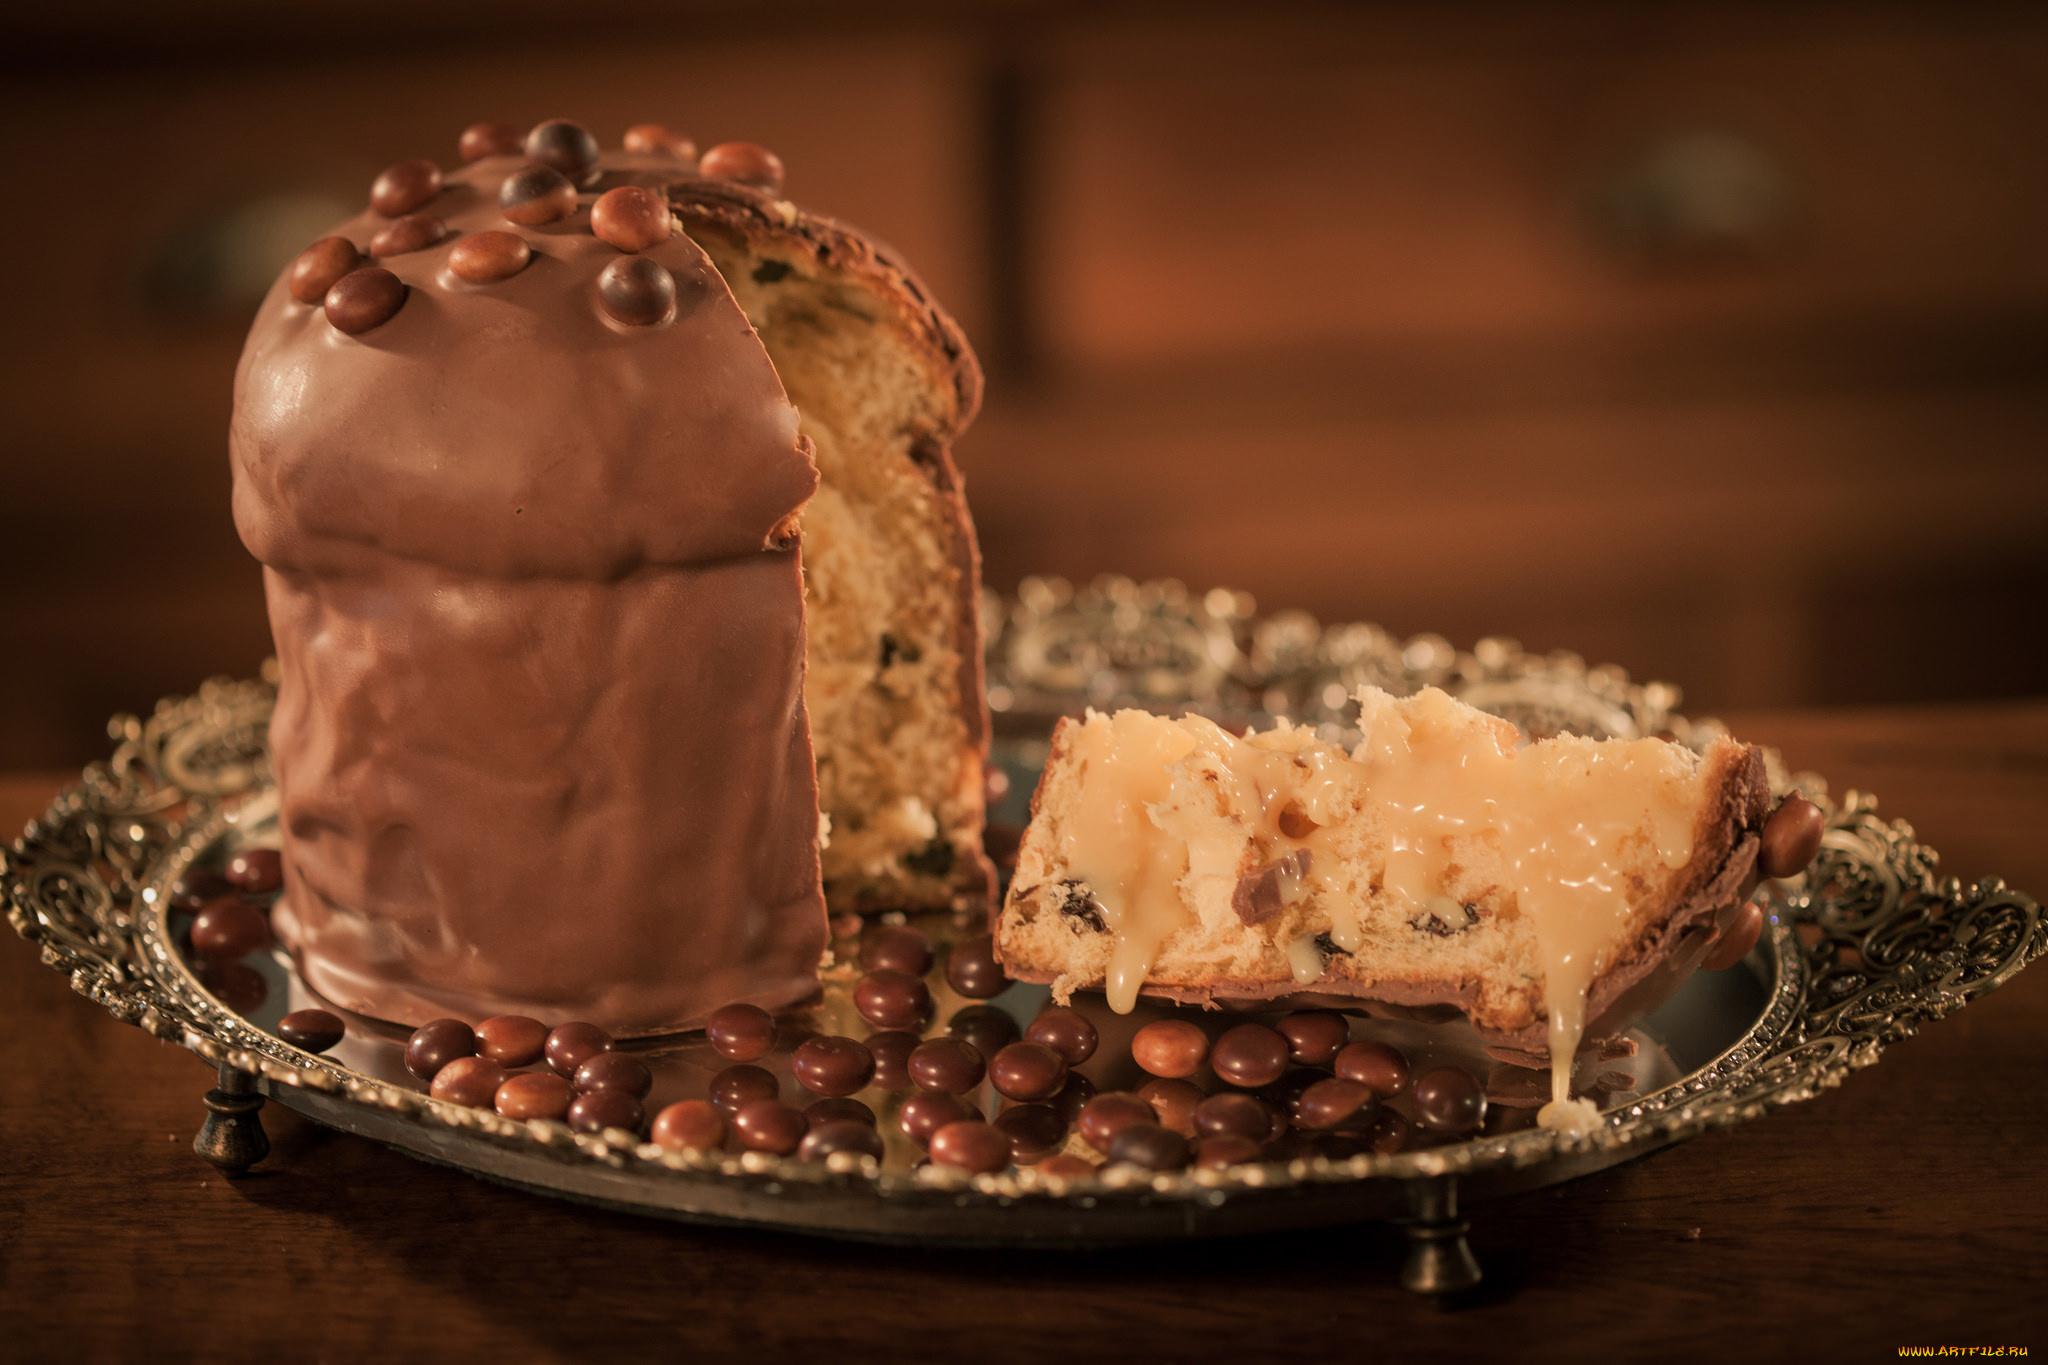 кексы крем шоколадный ореховый cupcakes cream chocolate walnut без смс